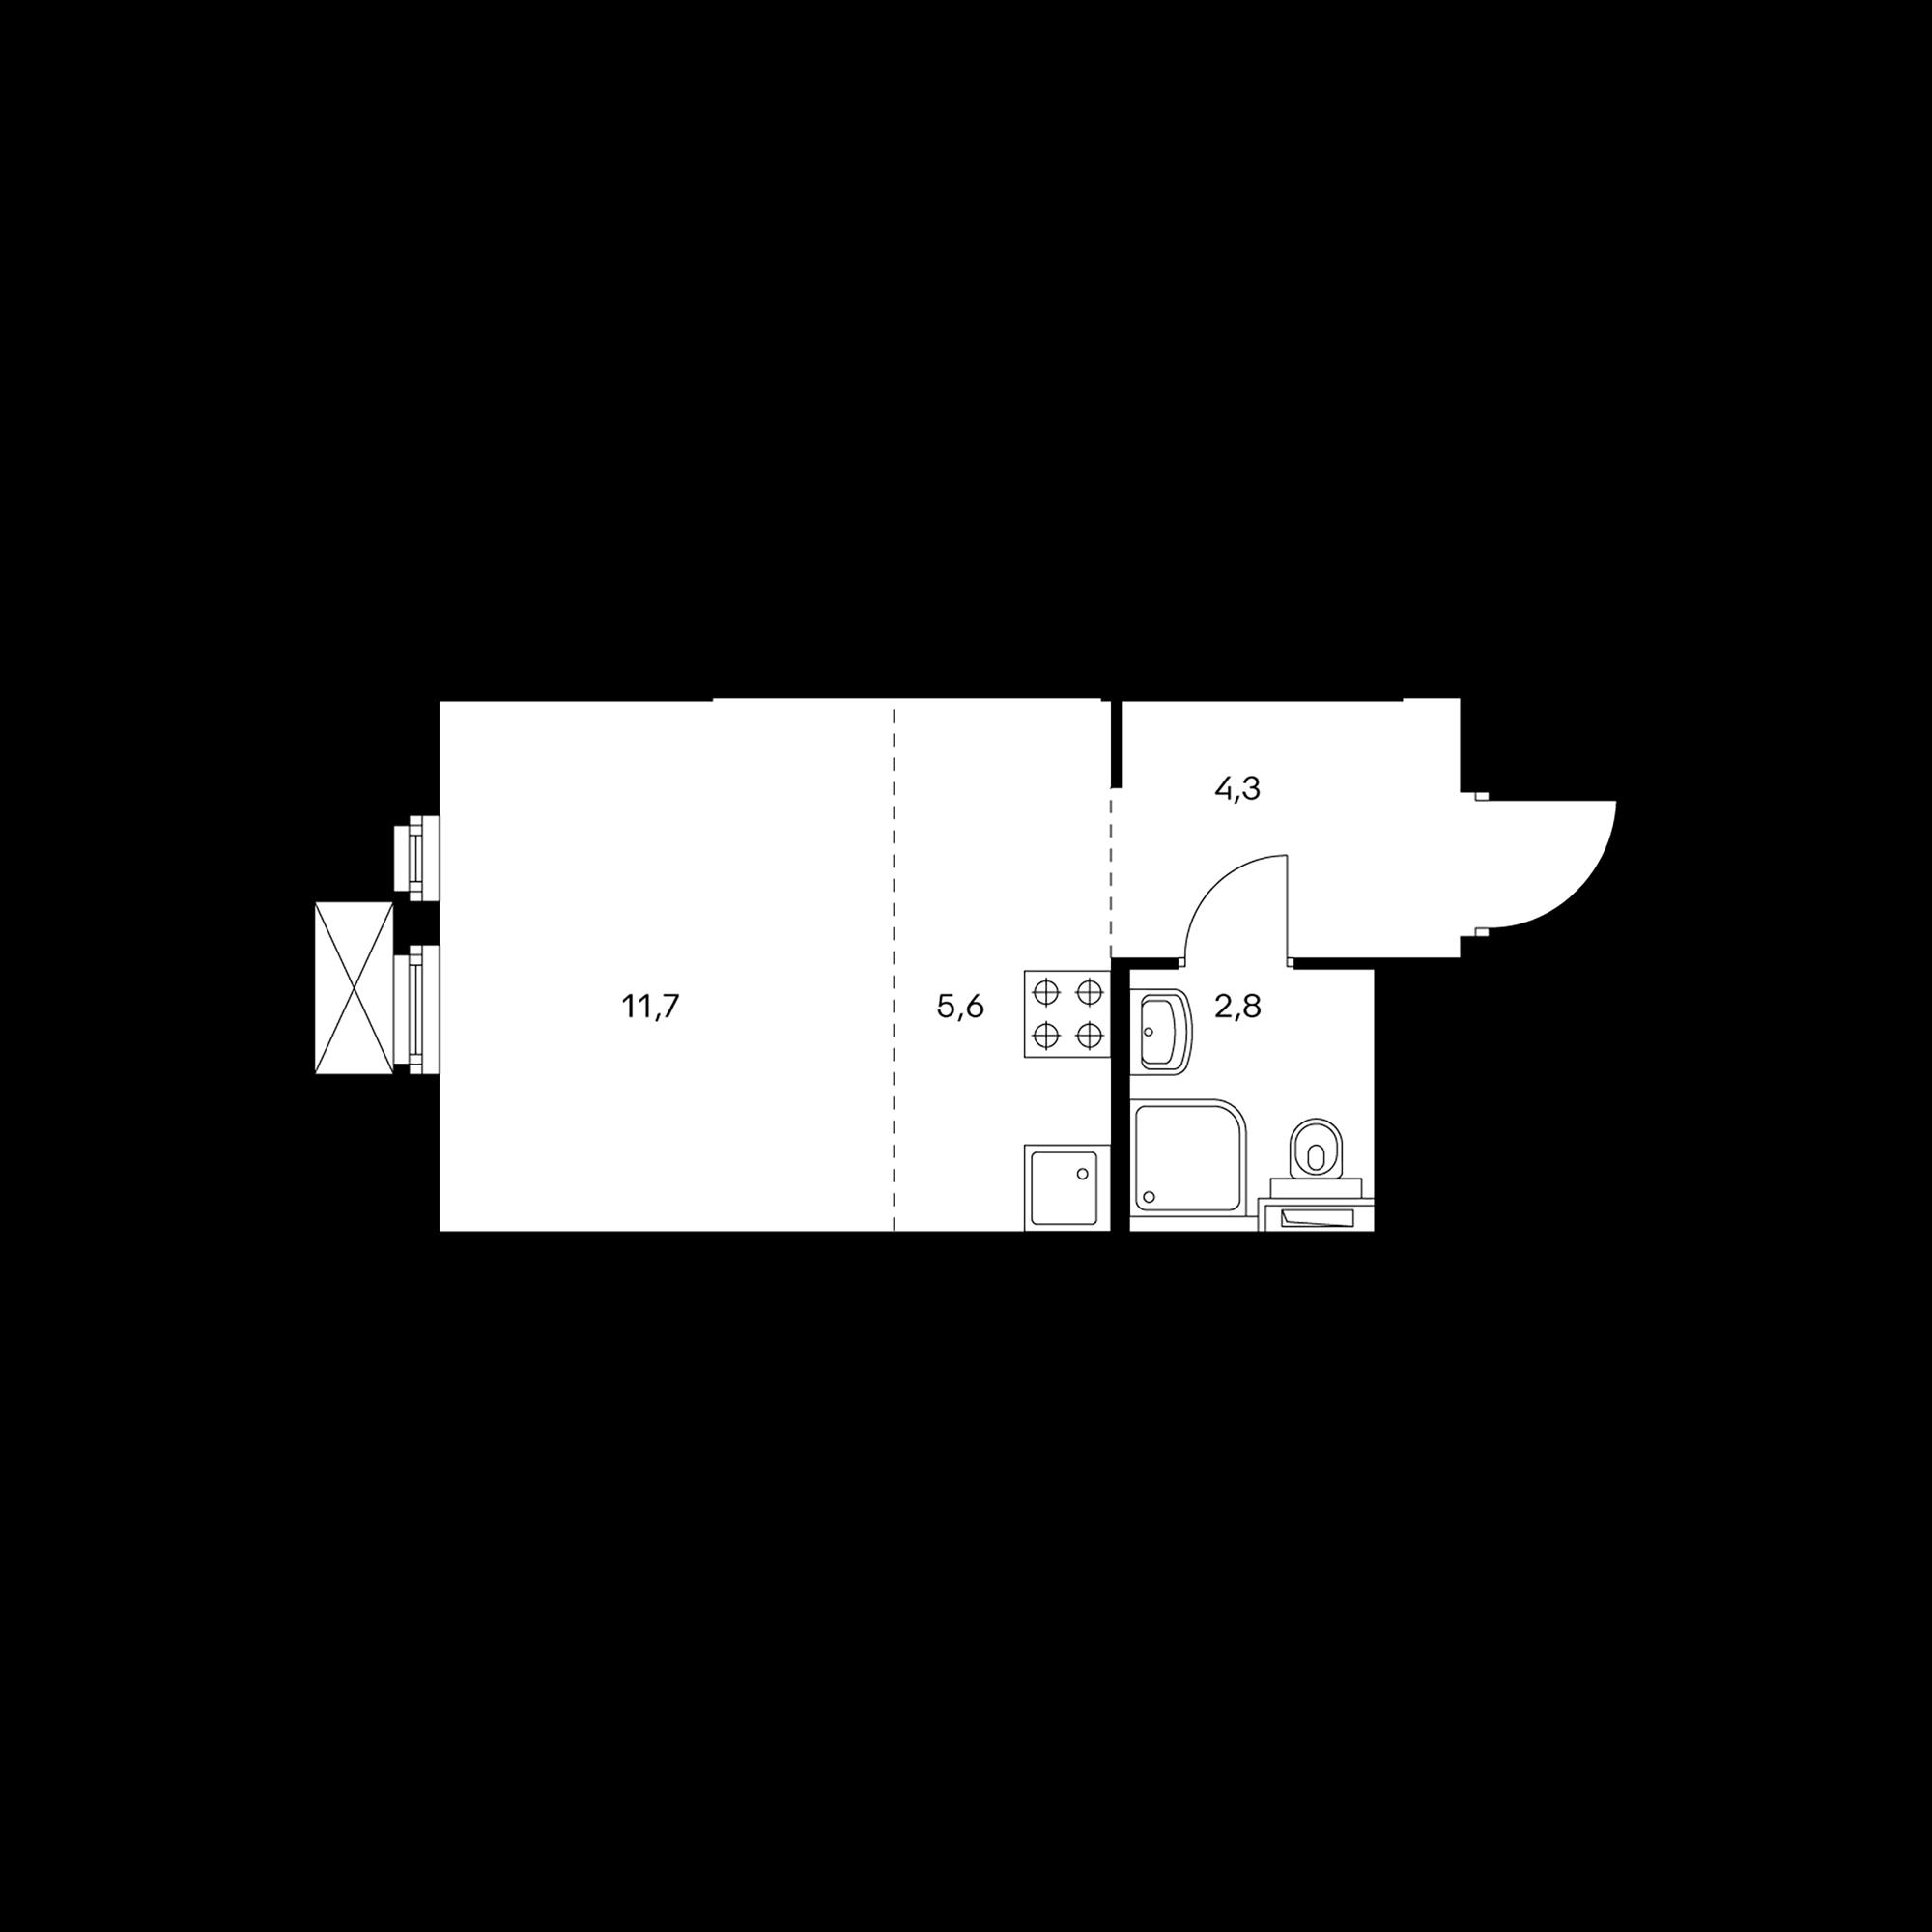 1NS1-1_SZ4*